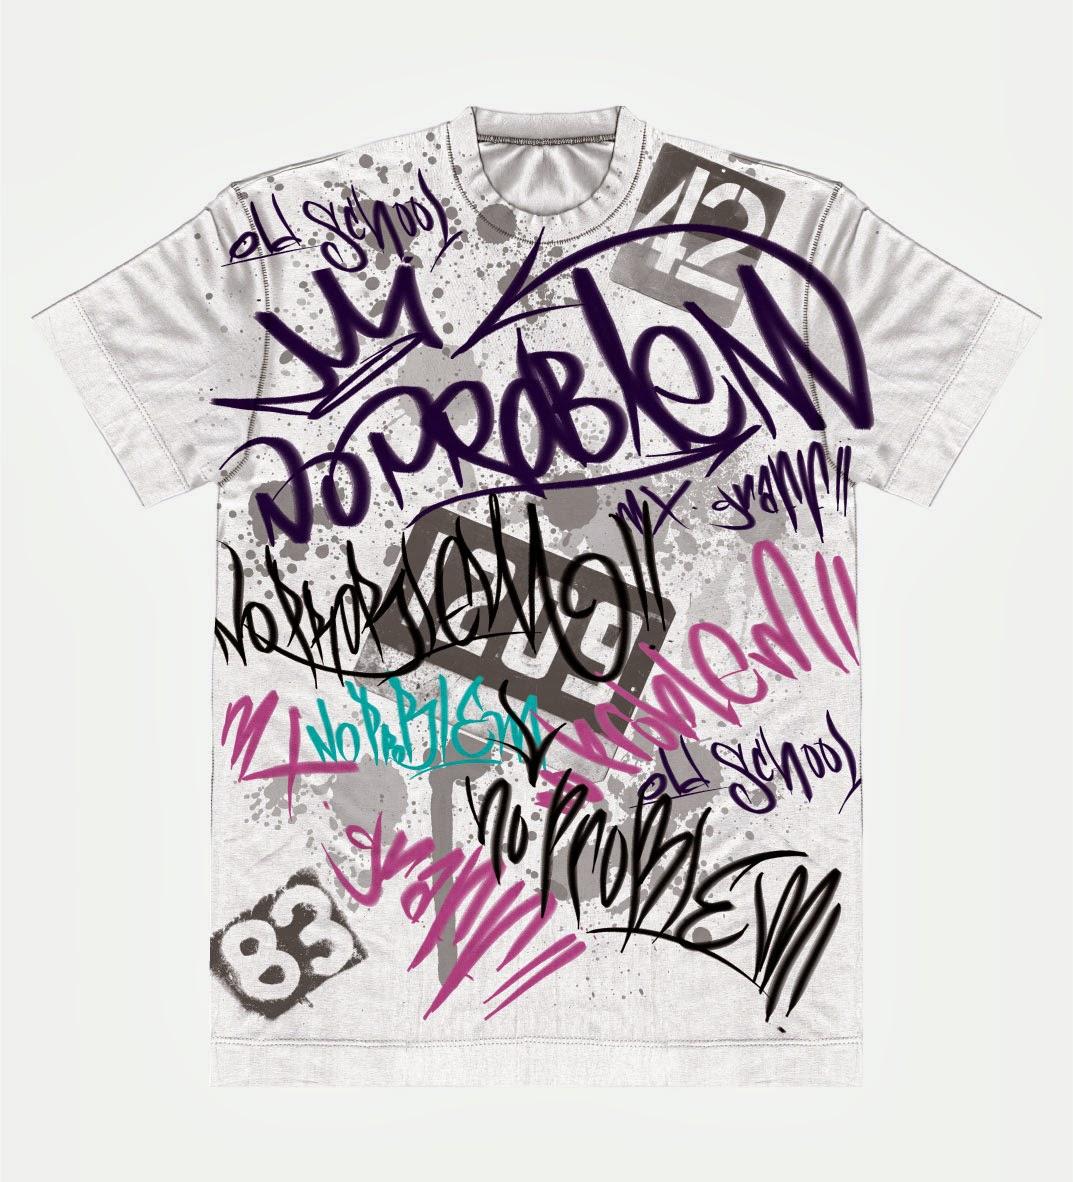 Marc Ecko Graffiti Wallpapers 1073x1182